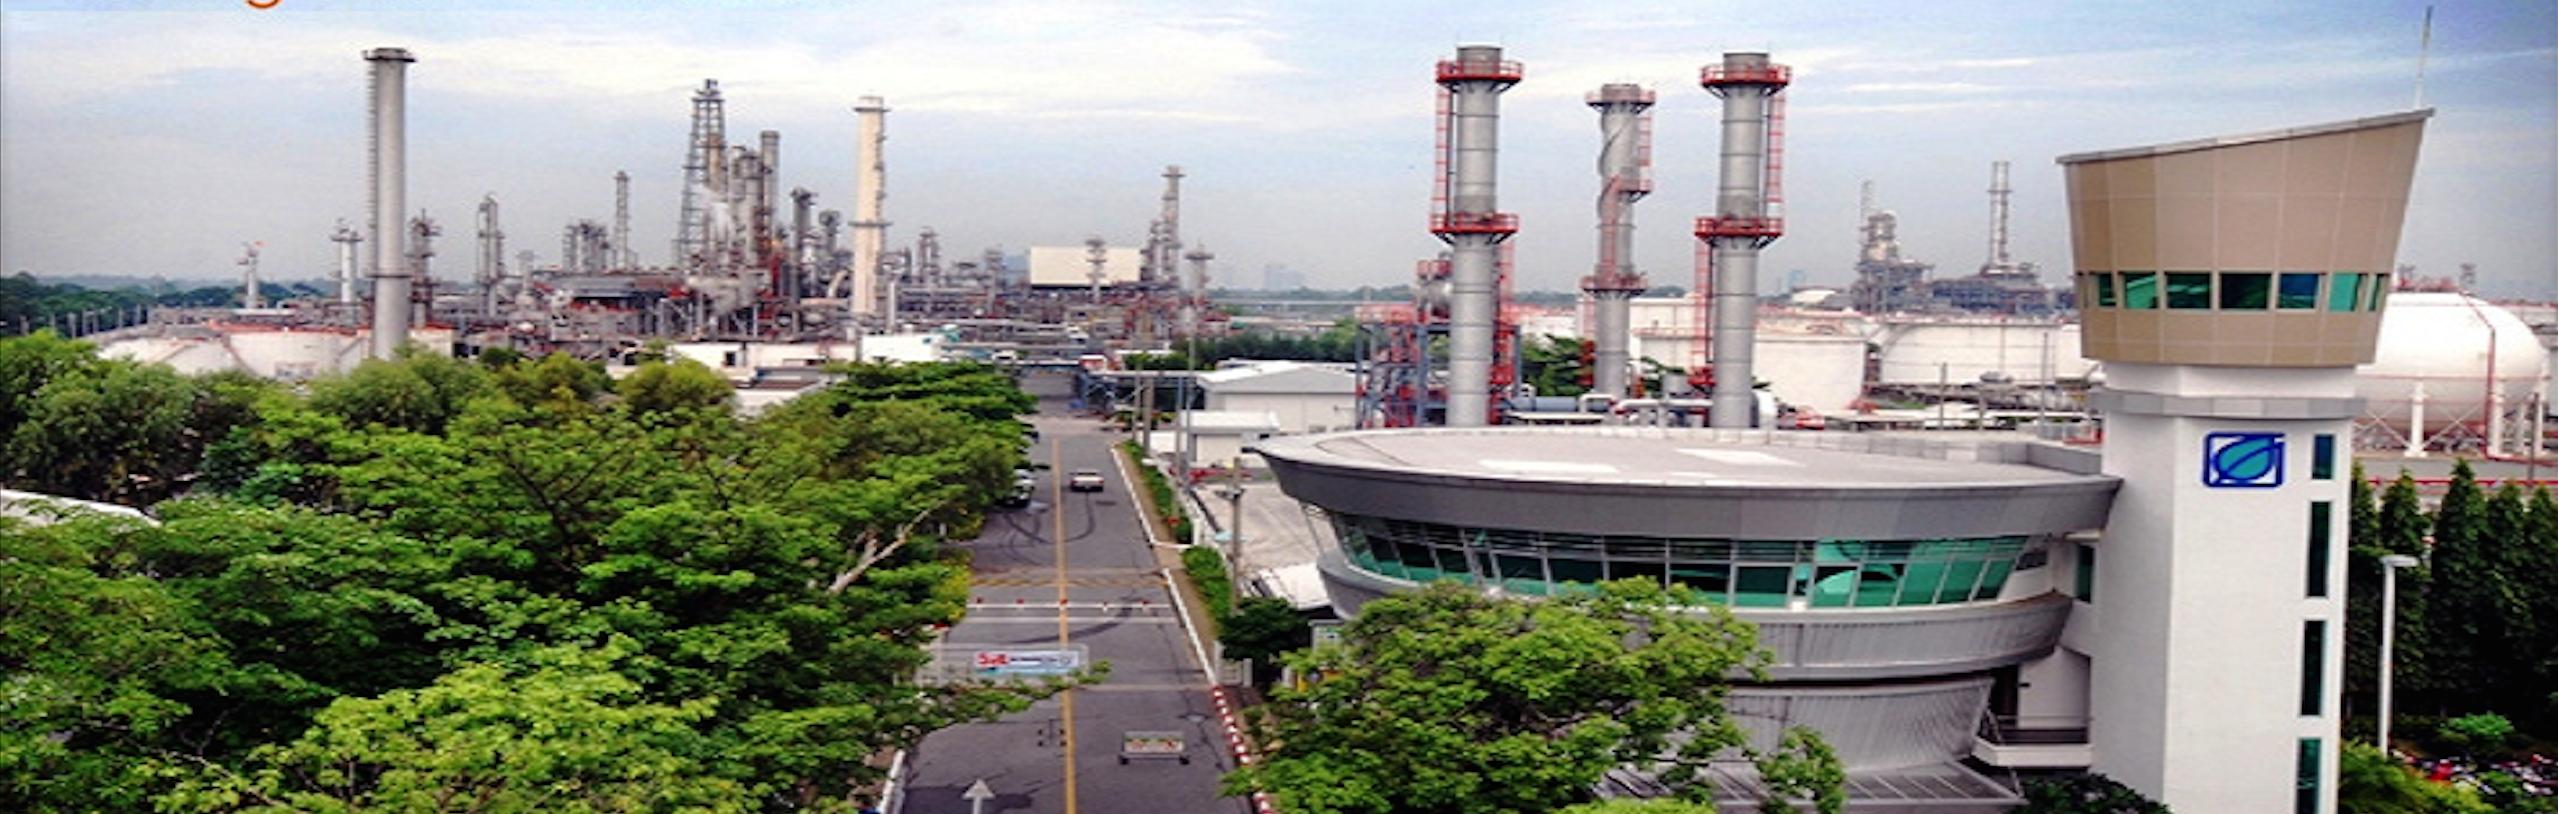 Dung dịch vệ sinh buồng đốt (carbon cleaner), hệ thống dẫn nhiên liệu, kim phun fi xe máy hàng đầu thái lan BCP S ULTRA – 60 ml  S ULTRA làdung dịch vệ sinh buồng đốt xe máy(carbon cleaner) làm sạch hiệu quả hệ thống dẫn nhiên liệu, tiết kiệm thời gian, tiền bạc, tự sử dụng tại nhà dễ dàng. Dung dịch vệ sinh buồng đốt S ULTRA (carbon cleaner) được sản xuất tại Thái Lan theo công nghệ Mỹ từ các phụ gia chất lượng giúp đem lại hiệu quả thật sự khi sử dụng. LỢI ÍCH SẢN PHẨM:  Dung dịch vệ sinh buồng đốt xe máyS ULTRA giúp tẩy sạch cặn trong buồng đốt, giúp làm sạch bộ chế hoà khí và kim phun xăng Ngăn ngừa sự kết tủa và chất bẩn kết dính trên các bộ phận động cơ. Carbon cleaner S ULTRA Thái Lan giúp tăng công suất động cơ, động cơ hoạt động mạnh mẽ hơn. Bảo vệ chống lại sự mài mòn động cơ. Kéo dài tuổi thọ thiết bị. Dung dịch vệ sinh buồng đốt xe máyS ULTRA giúp đốt cháy nhiên liệu triệt để, giảm tiêu hao nhiên liệu,giảm khí thải độc. Tăng cường hiệu quả đánh lửa, giúp máy vận hành mượt mà. LÝ DO BẠN NÊN MUA DUNG DỊCH LÀM SẠCH BUỒNG ĐỐT XE MÁY S ULTRA THÁI LAN:  Chất lượng đảm bảo:dung dịch vệ sinh buồng đốt xe máy S ULTRA (carbon cleaner) là hàng Thái Lan chất lượng cao nhập khẩu trực tiếp đường chính ngạch Sản xuất từ nhóm phụ gia nguồn gốc Benzen, cao cấp hơn sản phẩm sản xuất từ nhóm Carbon. Sản phẩm đạt chuẩn riêng của Chính phủ Thái Lan kiểm soát trước khi được phép xuất khẩu ra nước ngoài. Tiết kiệm tiền:sử dụng 1 lon dung dịch vệ sinh buồng đốt xe máy S ULTRA (carbon cleaner) so với tháo ra vệ sinh buồng đốt từ270.000 - 300.000VNĐ Tiết kiệmthời gian: Chưa tới 1 phútđể đổ dung dịch vệ sinh buồng đốt xe máy S ULTRA vào bình xăng so với chờ đợi hàng giờ đồng hồ tại tiệm sửa xe để tháo ra vệ sinh Tiện lợi: CácBẠN GÁIcũngcó thể tự sử dụng dung dịch Carbon cleaner S ULTRA Thái Lanđể chăm sóc xe của mình. Khắc phục nhược điểm không biết rõ về xe nên không biết chăm sóc thế nào, chạy lâu ngày xe yếu phải ra tiệm sửa chữa mất nhiều tiền và thời gian. Chăm sóc những ngườ